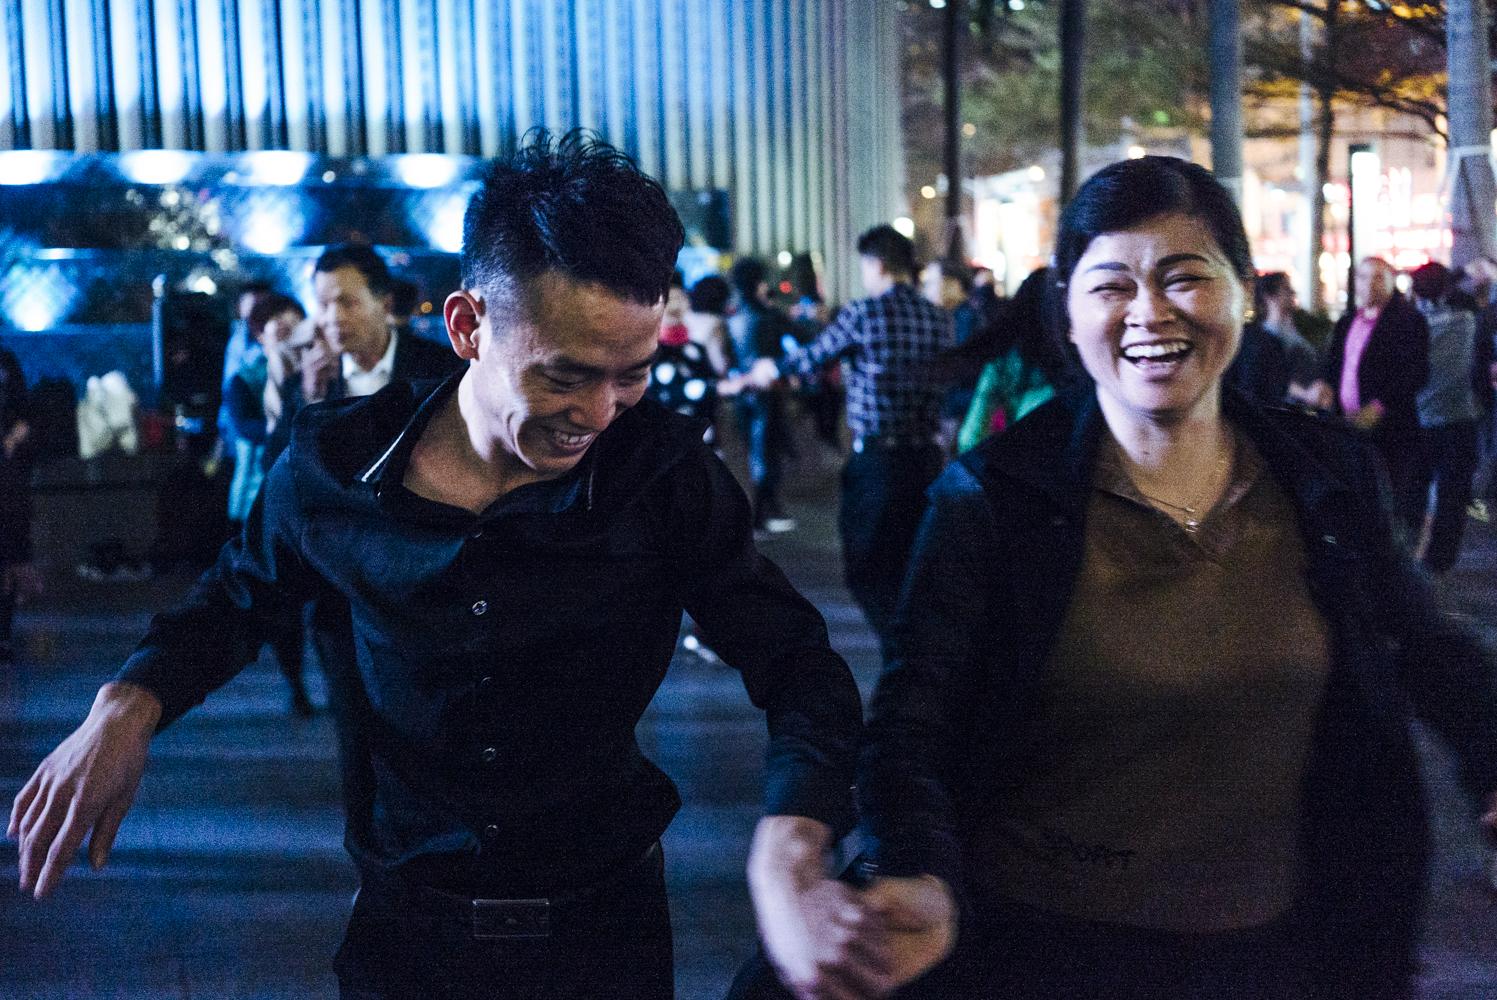 Dancing after dark. Shenzhen, China © An Rong Xu